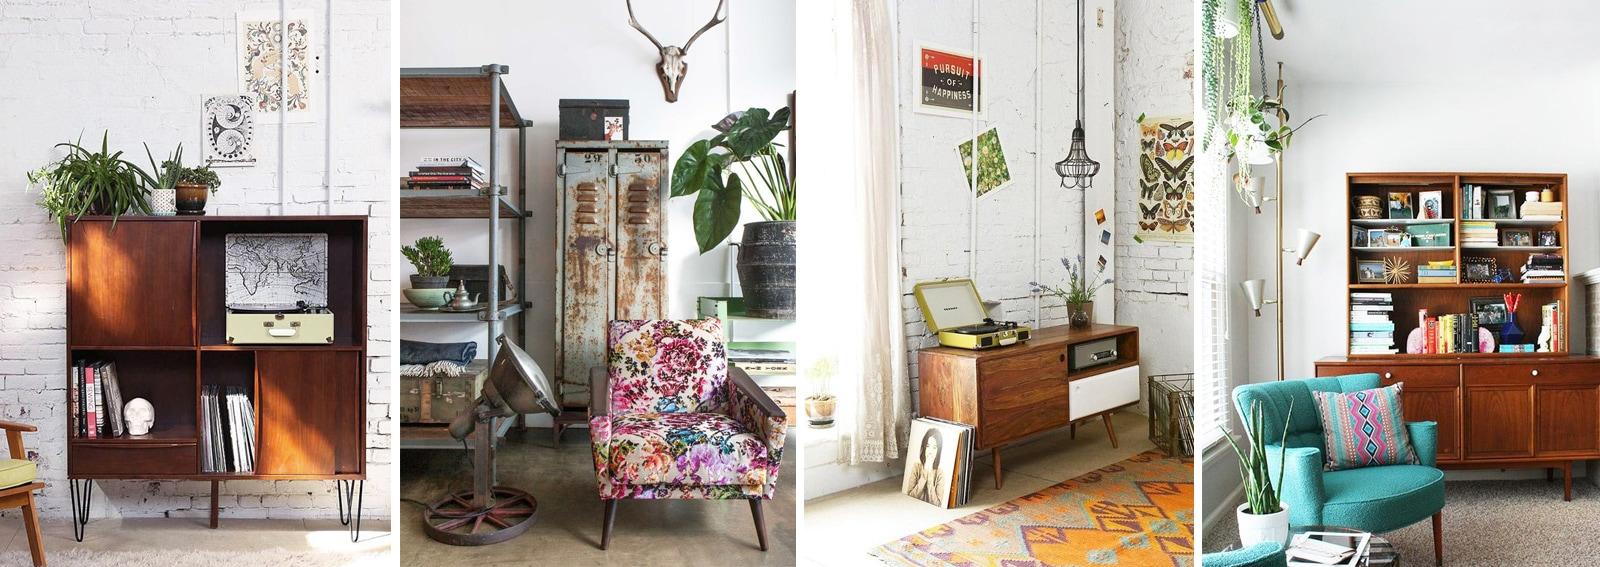 cover-come-arredare-casa-vintage-desktop